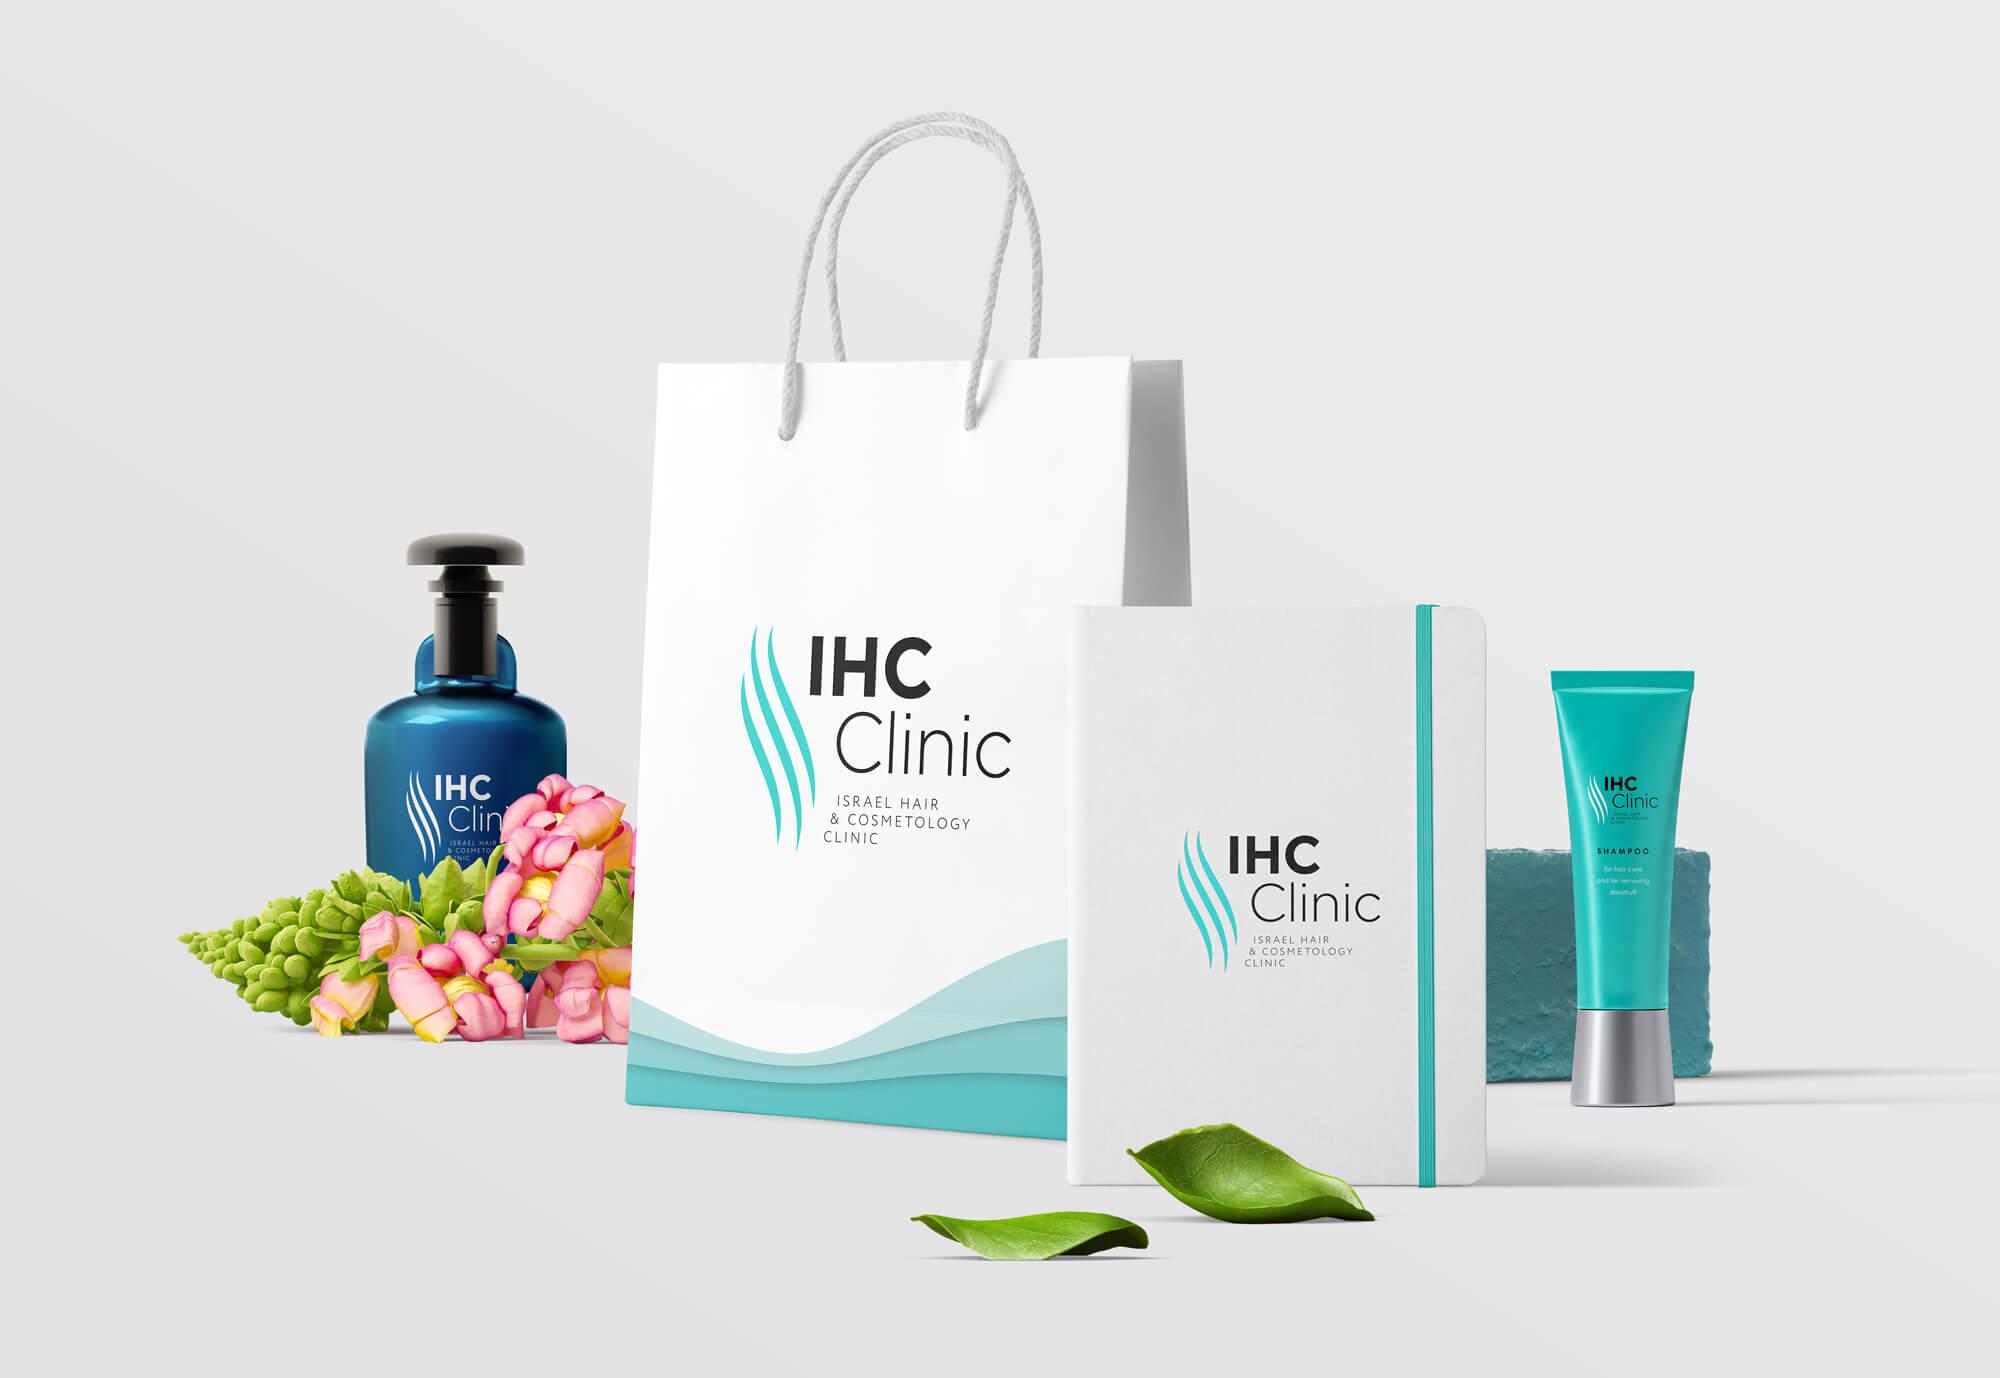 Логотип, фирменный стиль ибрендбук IHC Clinic